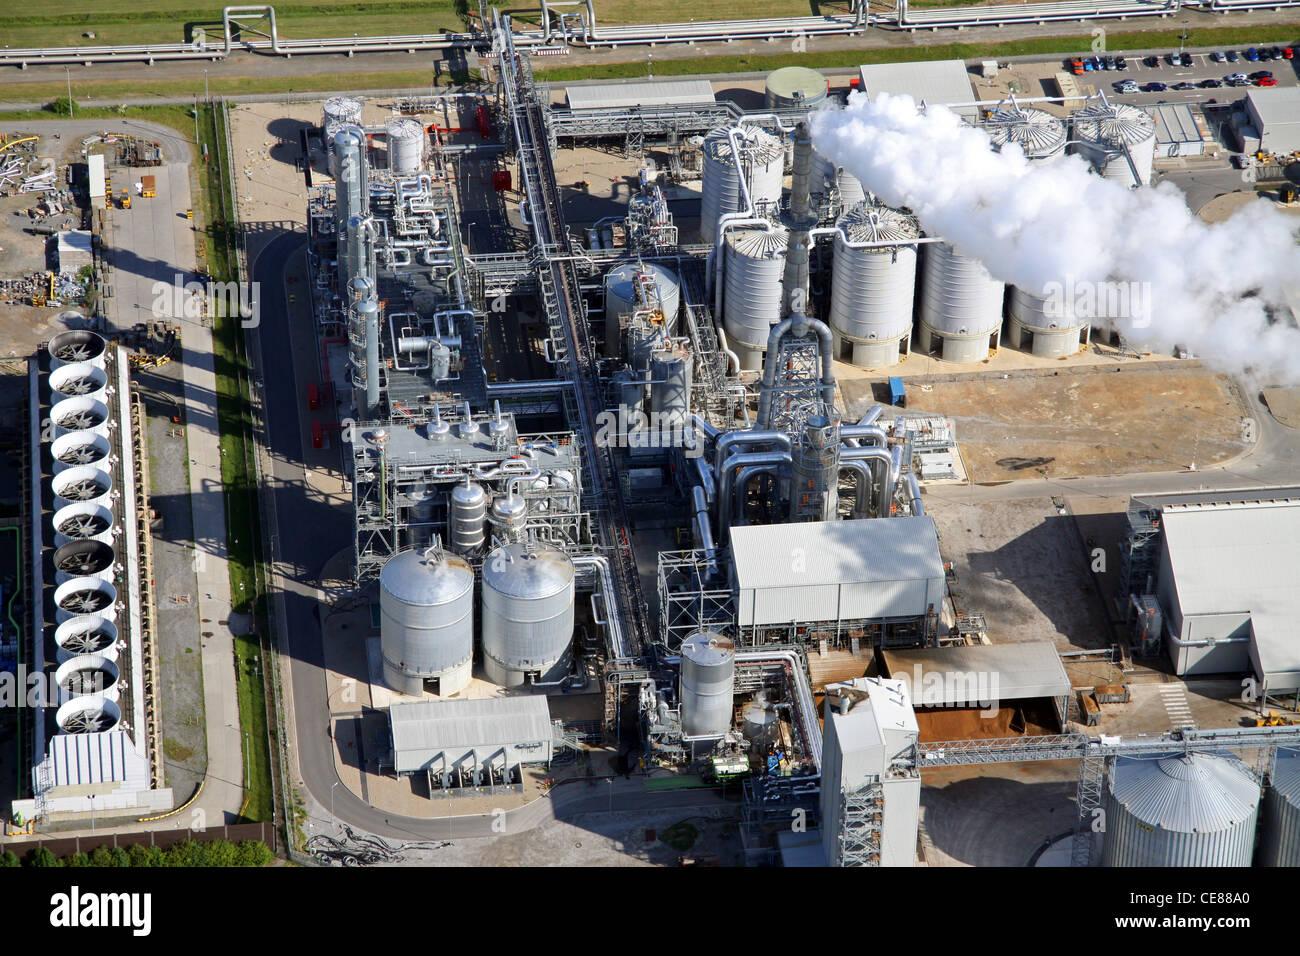 Fotografía aérea del sensus químico trabajos en Wilton, Teesside Imagen De Stock